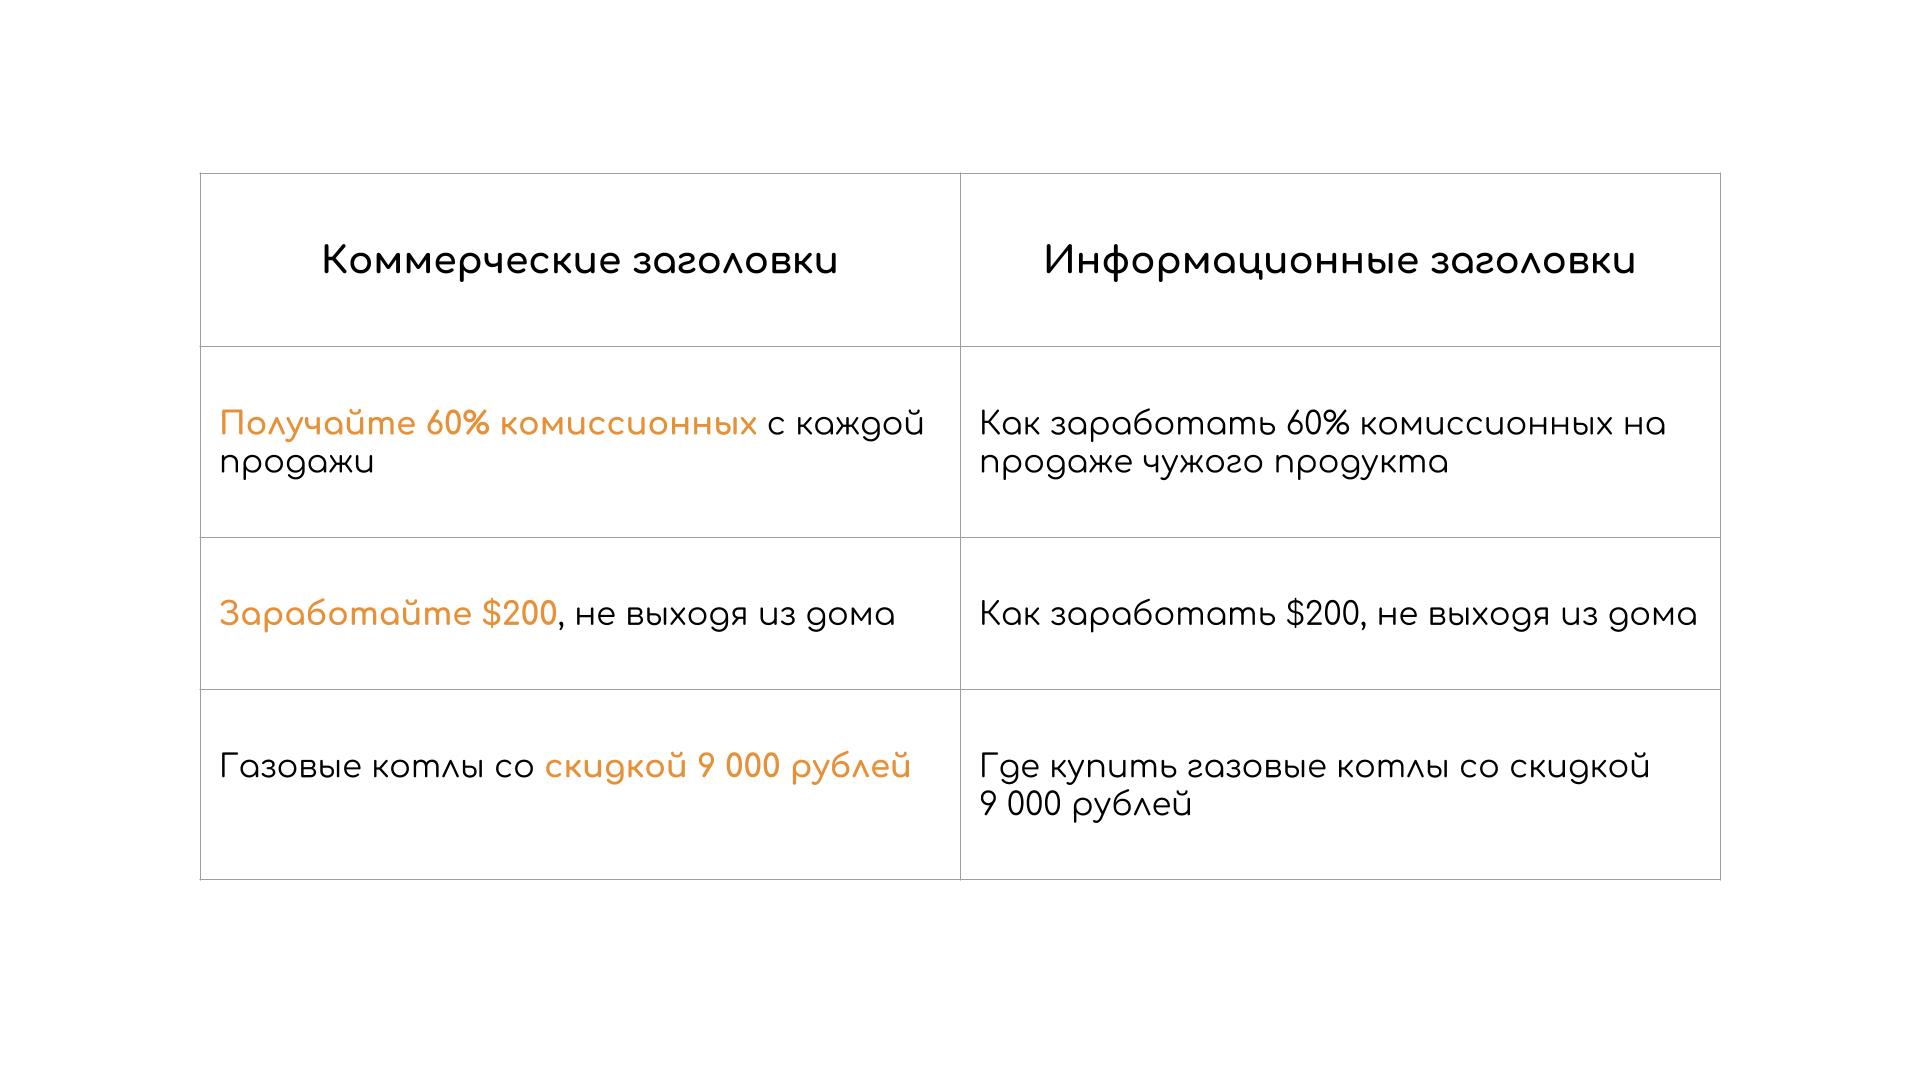 Примеры заголовков с выгодой (1 из 4U)